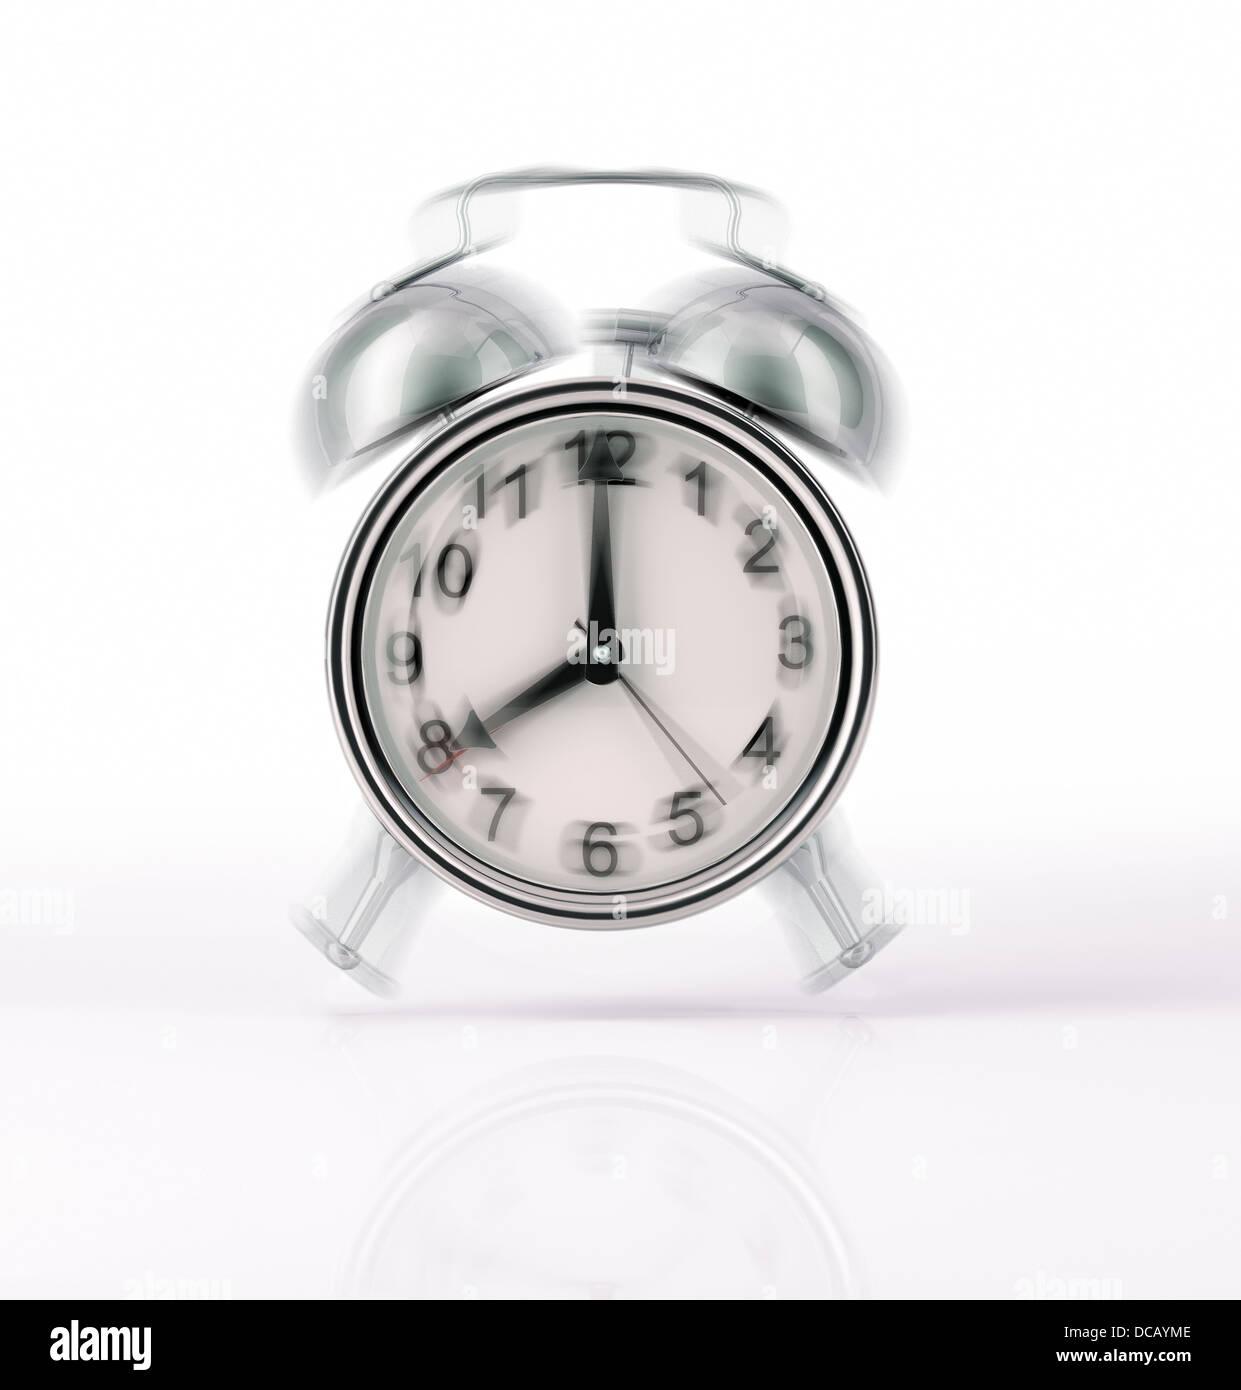 Klassische Wecker verchromt klingelt, mit Bewegung-Effekt. Vorderansicht auf weißem Hintergrund, mit leichten Stockbild